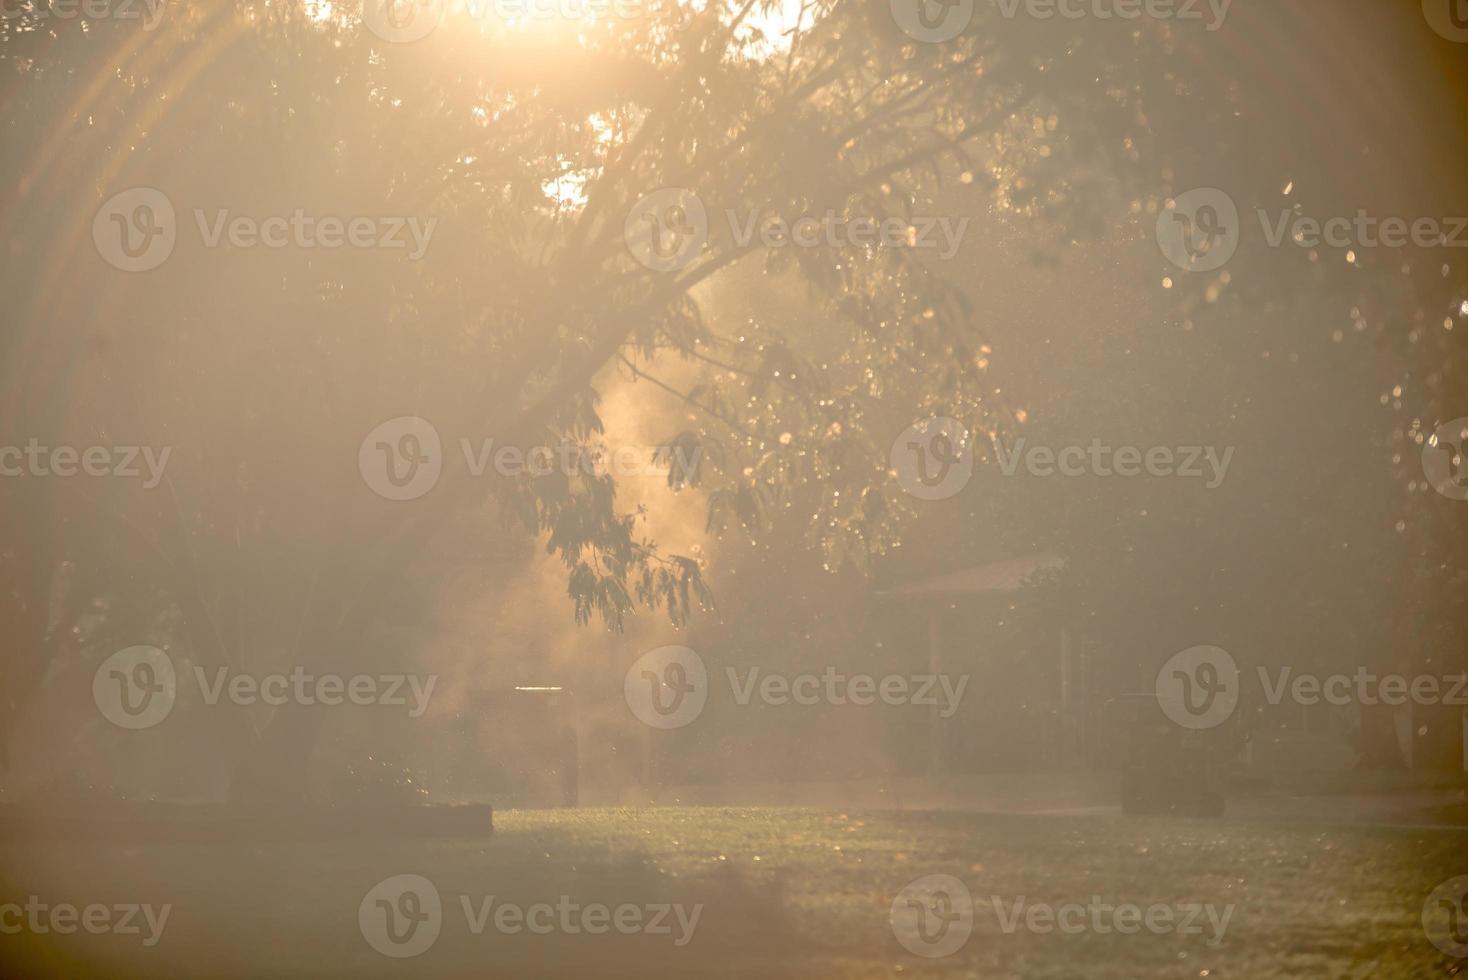 rayos de sol rompiendo después de la lluvia en el vecindario foto